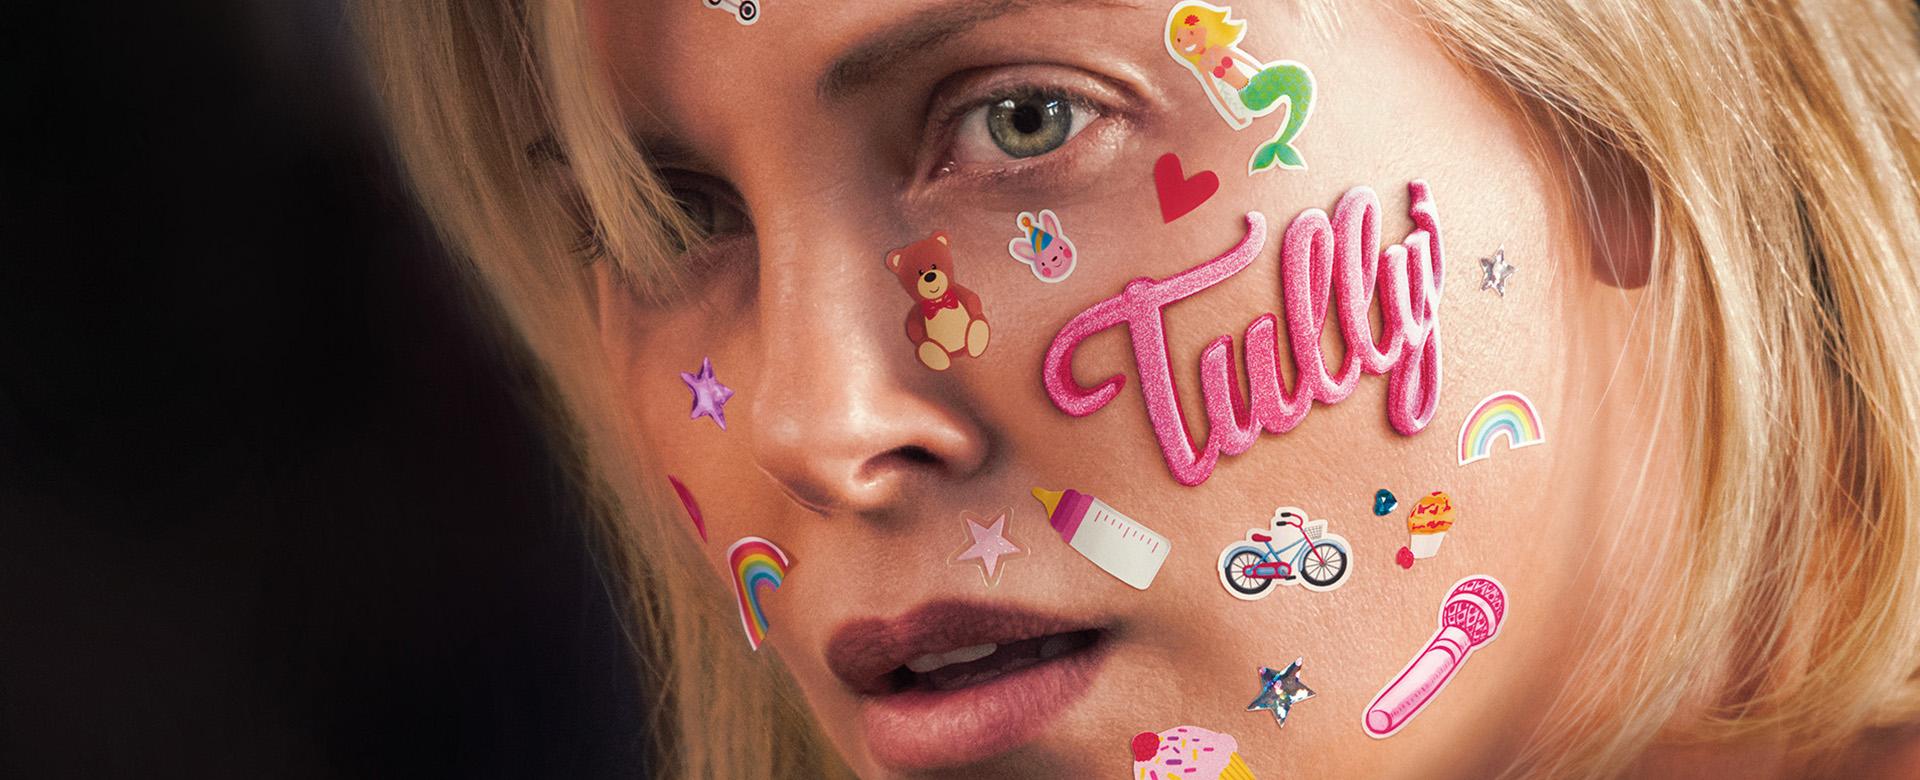 tully2.jpg